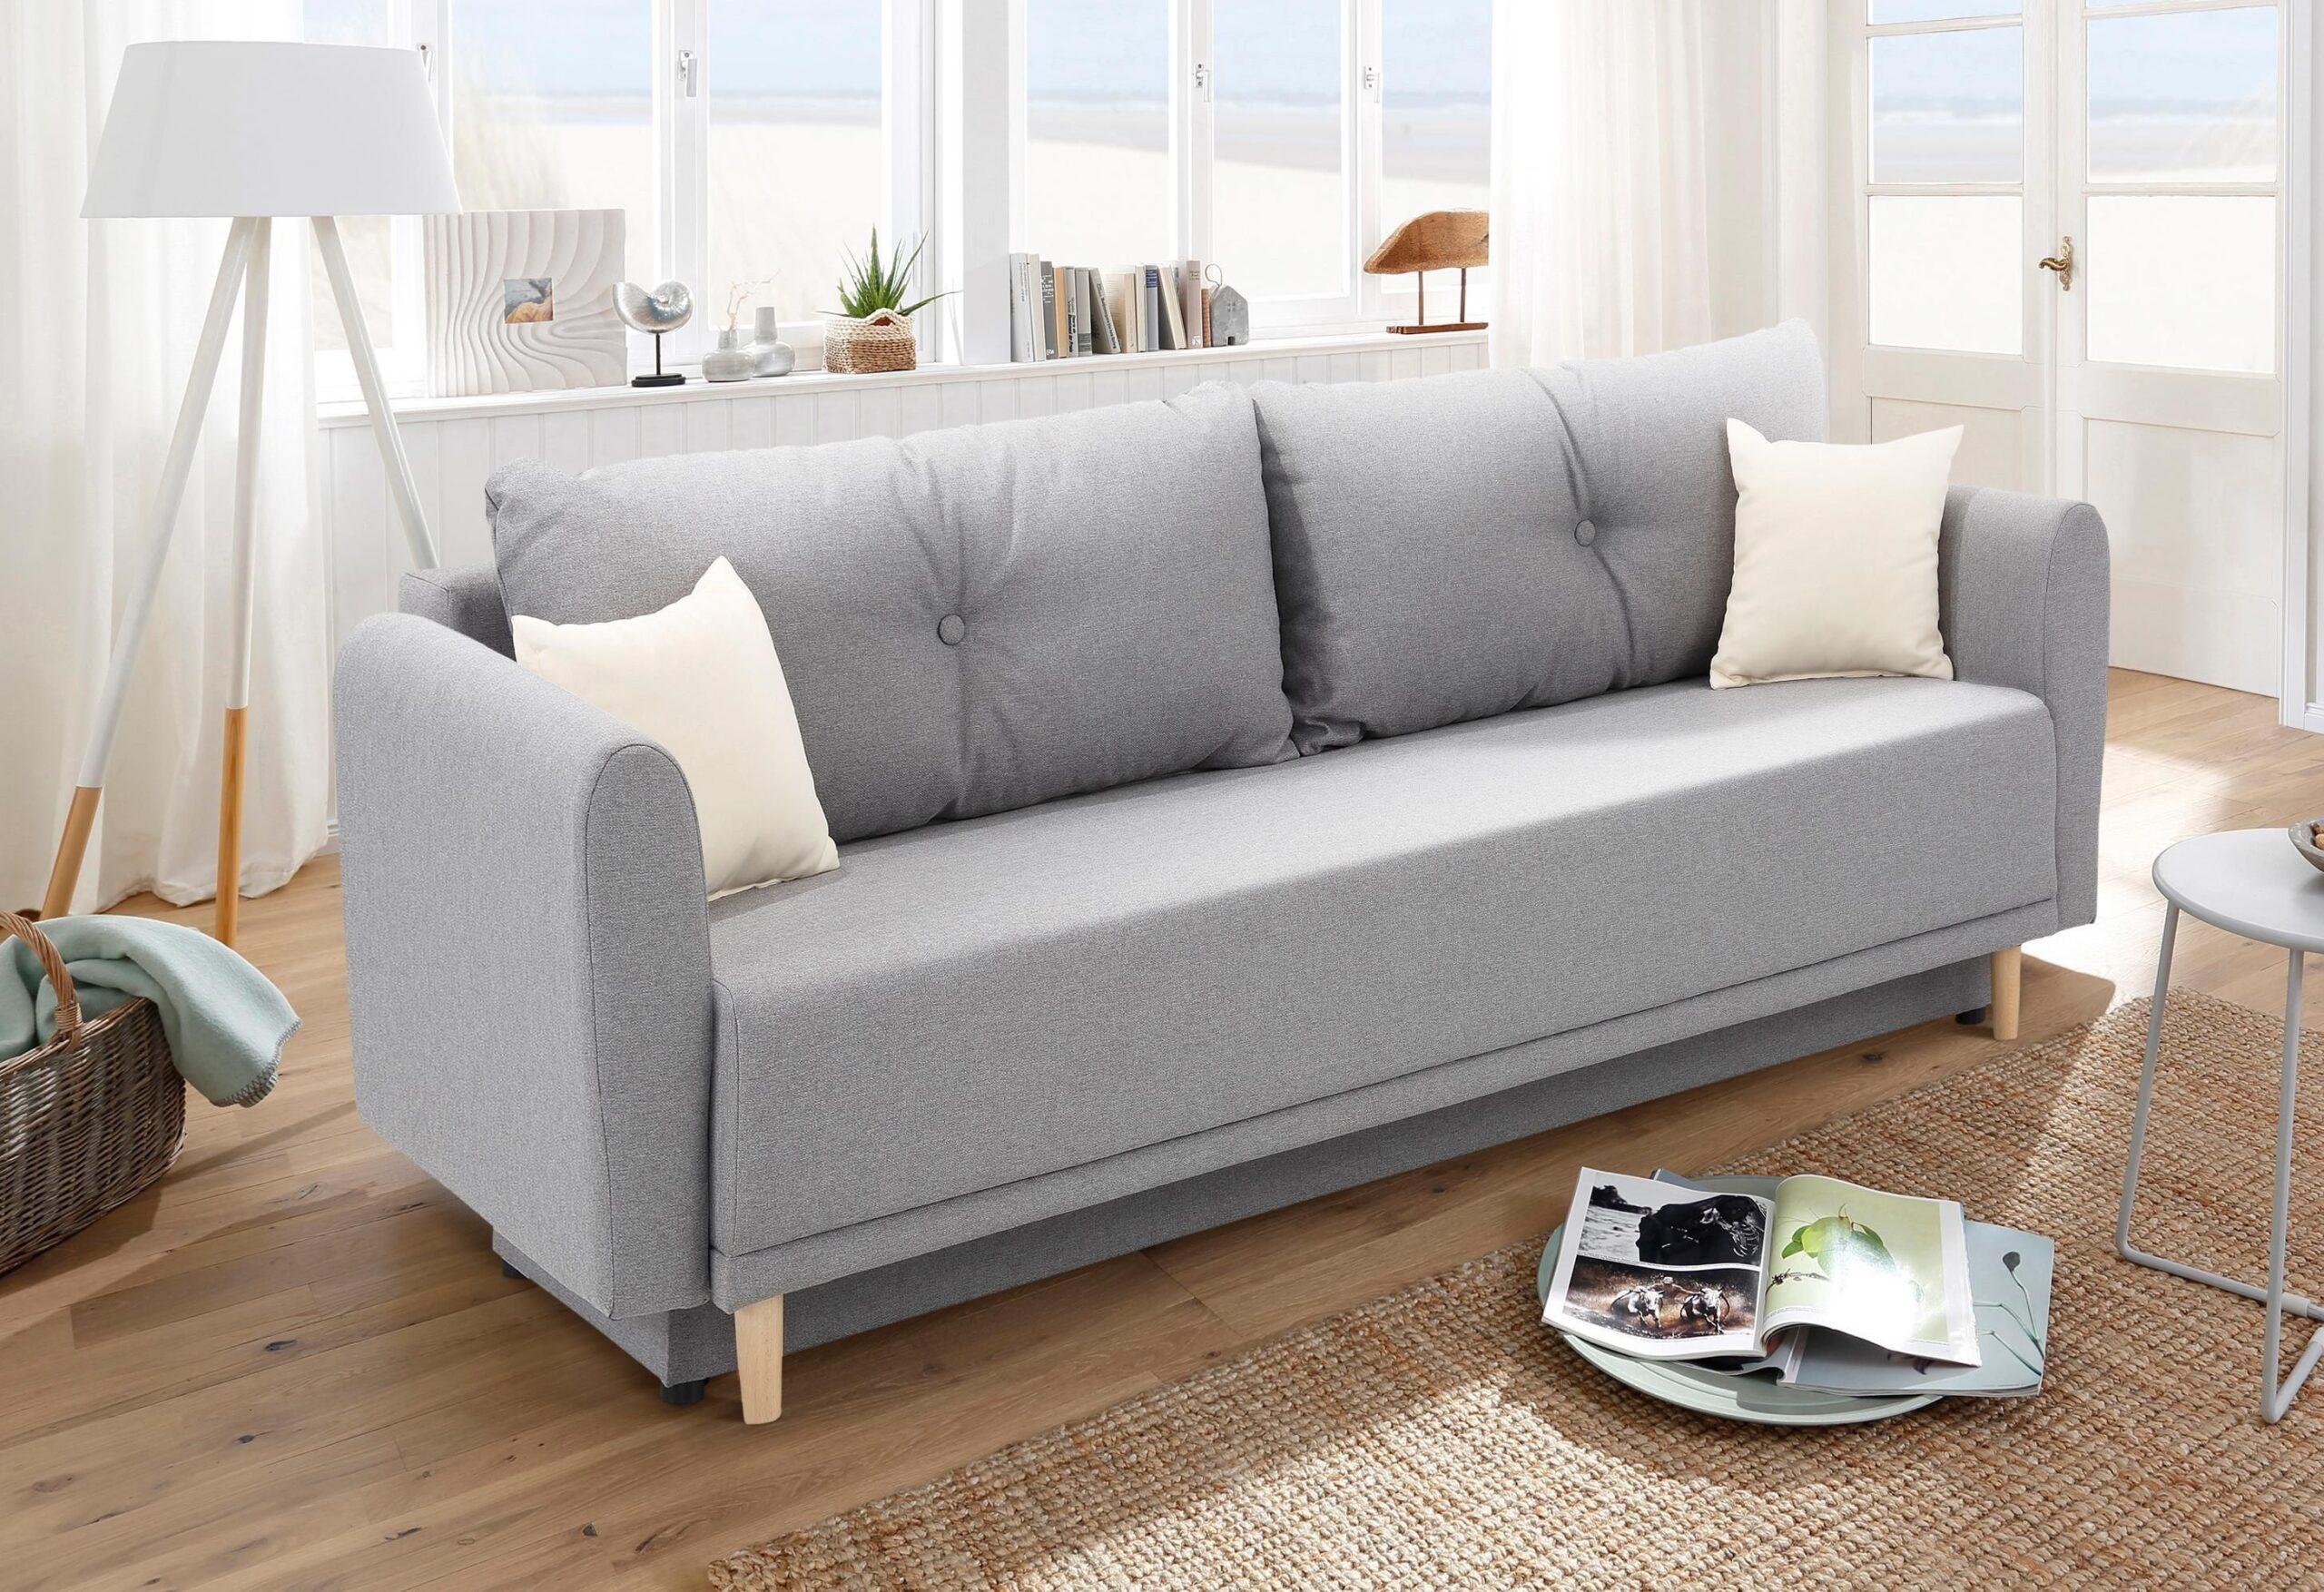 Full Size of Weies Sofa Gnstig Cheap Big Couch Pillows Gnstige Polster Togo Hersteller Badezimmer Hochschrank Weiß Hochglanz Benz Kunstleder Günstig Kaufen Rotes Mit Sofa Kunstleder Sofa Weiß